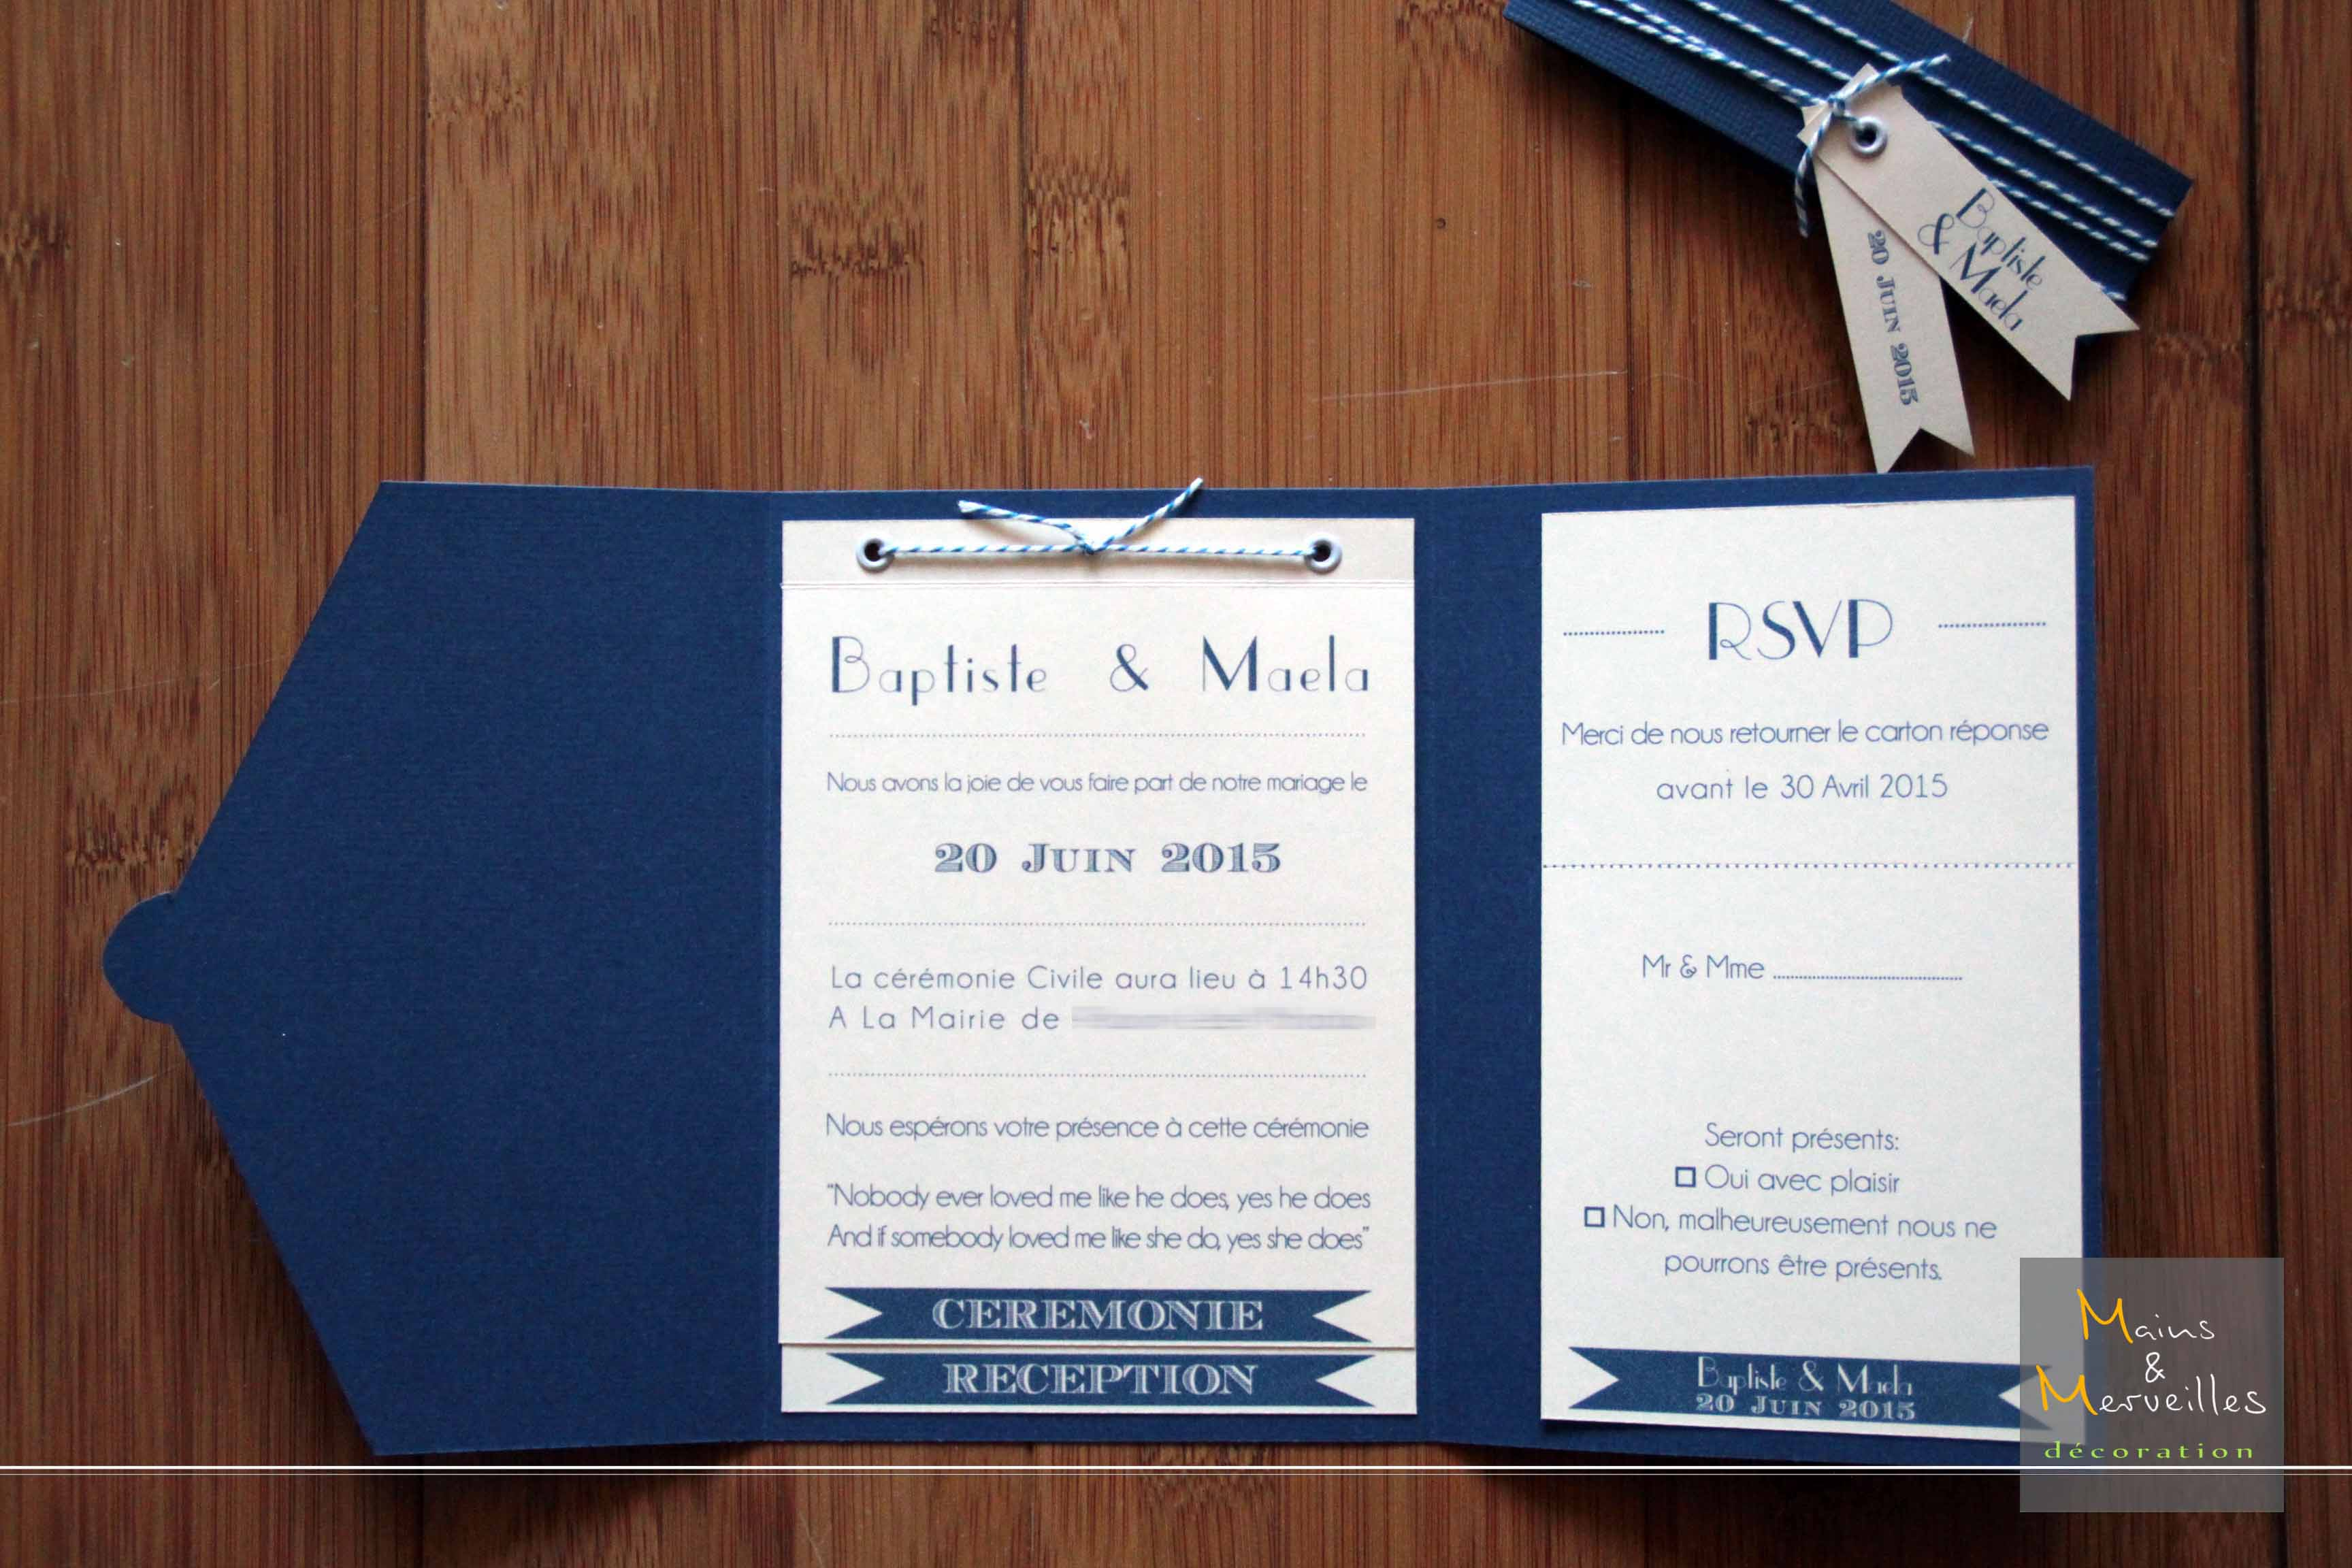 Fabuleux Faire part mariage bleu marine et rose - Modèle de lettre ED44